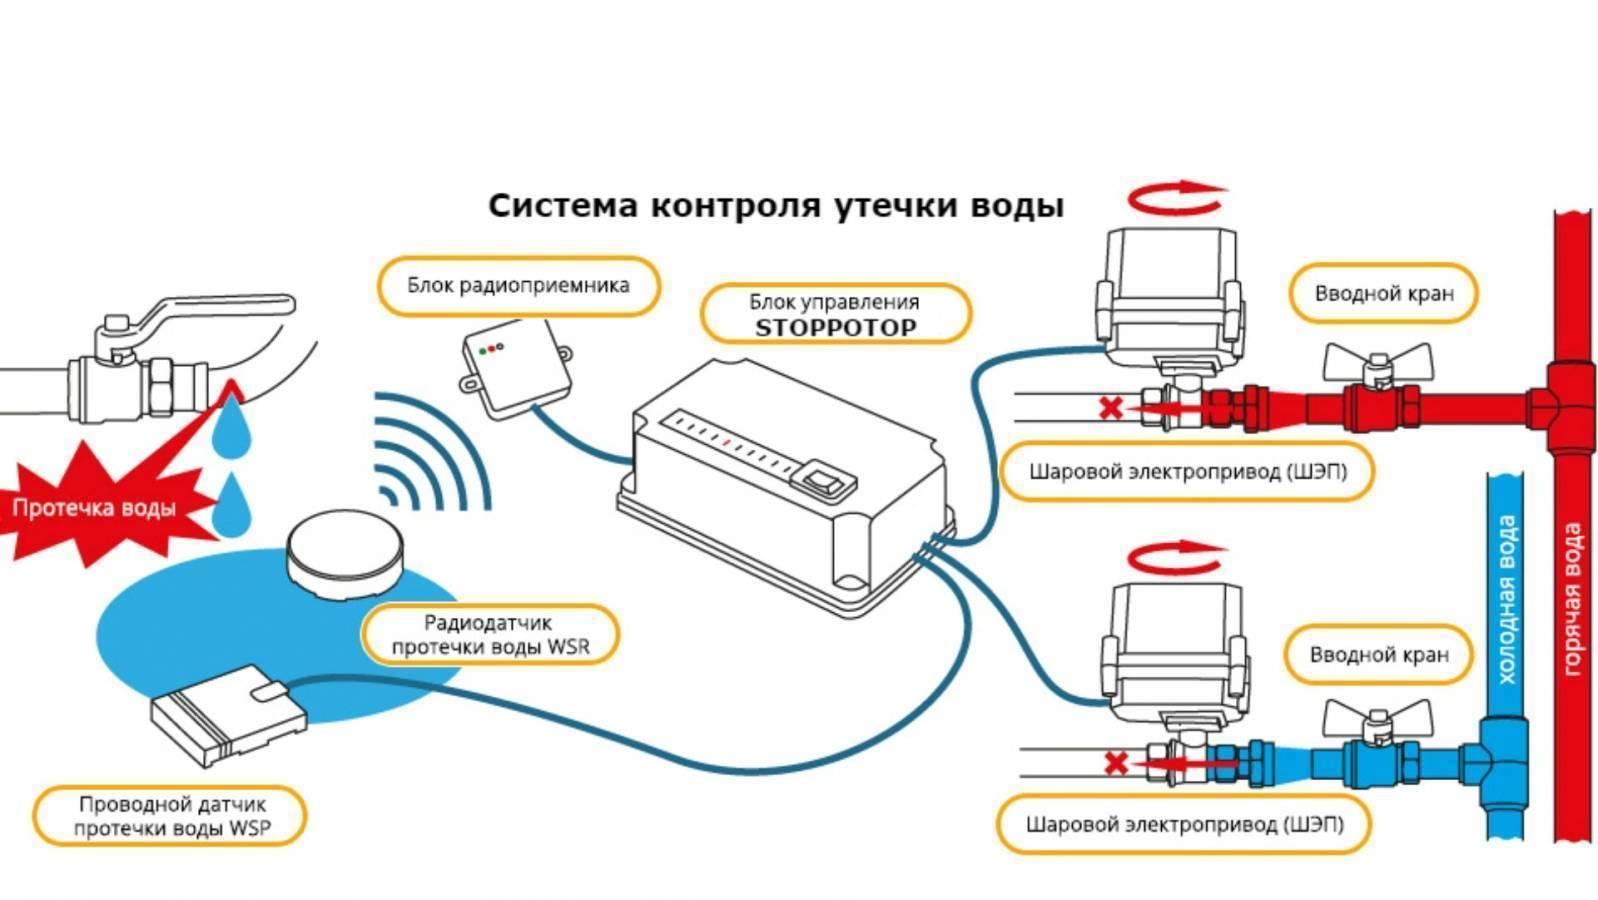 Защита от протечек воды в квартире: обзор и сравнение систем